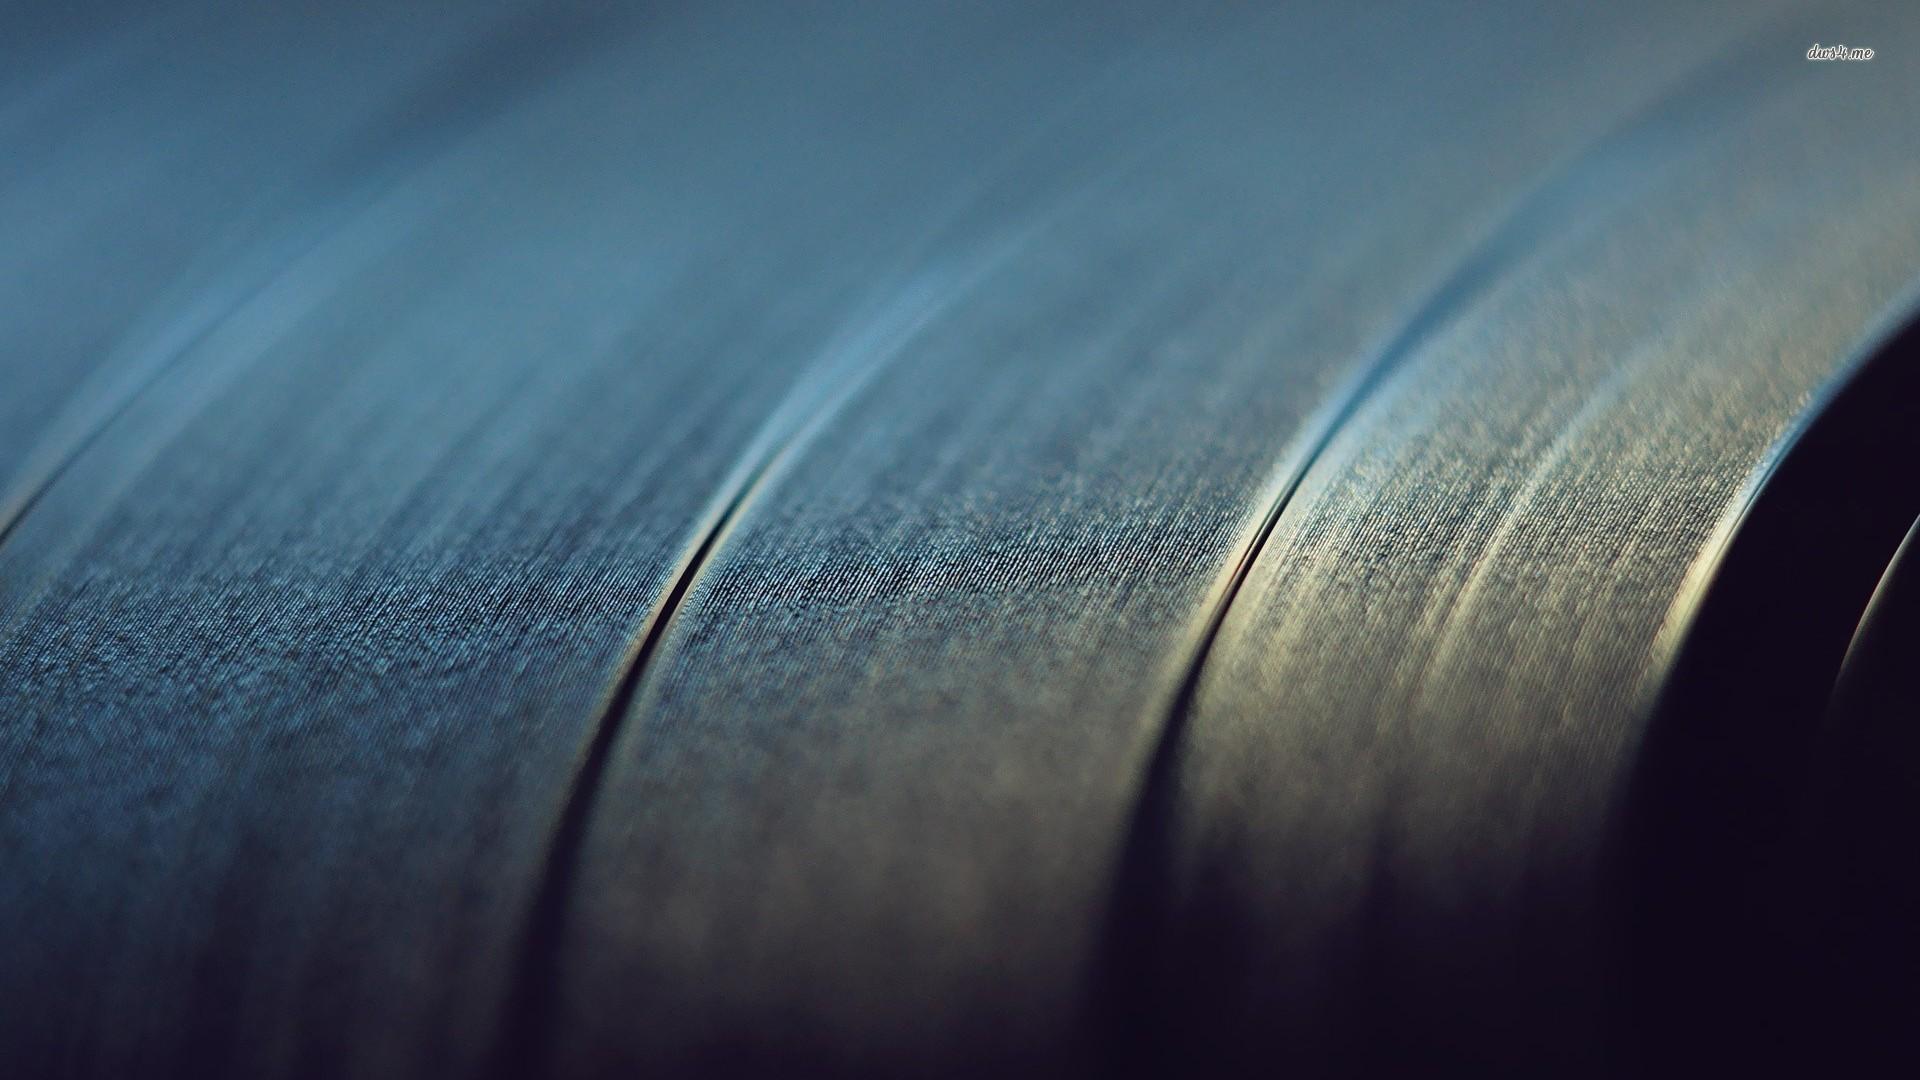 Vinyl Wallpaper Vinyl Record Wallpaper 4k 88685 Hd